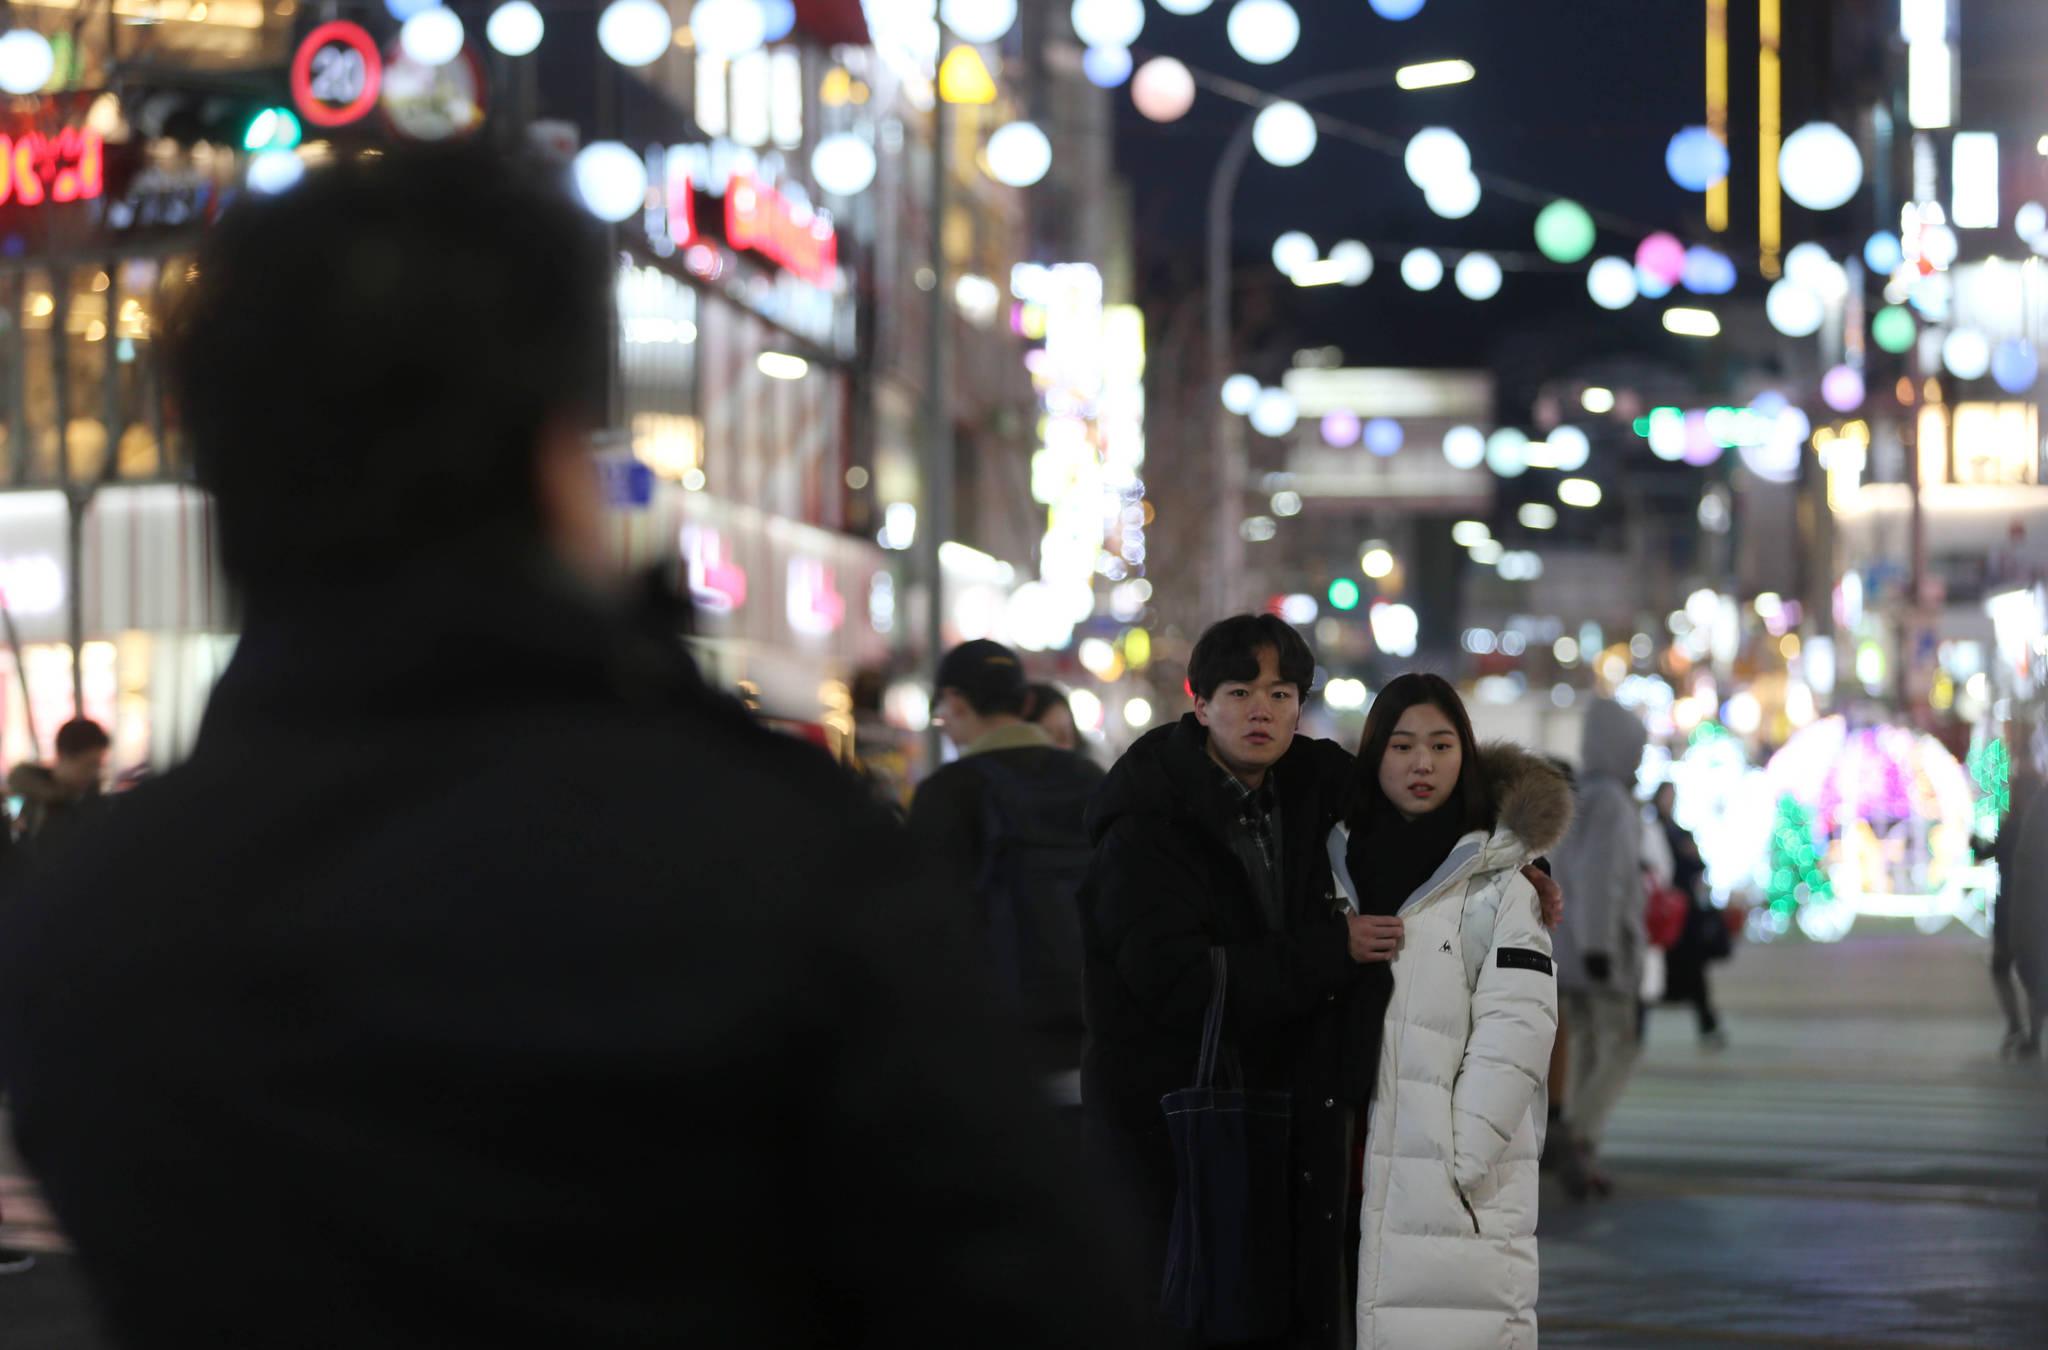 젊은 커플이 성악가인 노희섭 인씨엠예술단 단장의 노래를 듣고 있다. 신인섭 기자